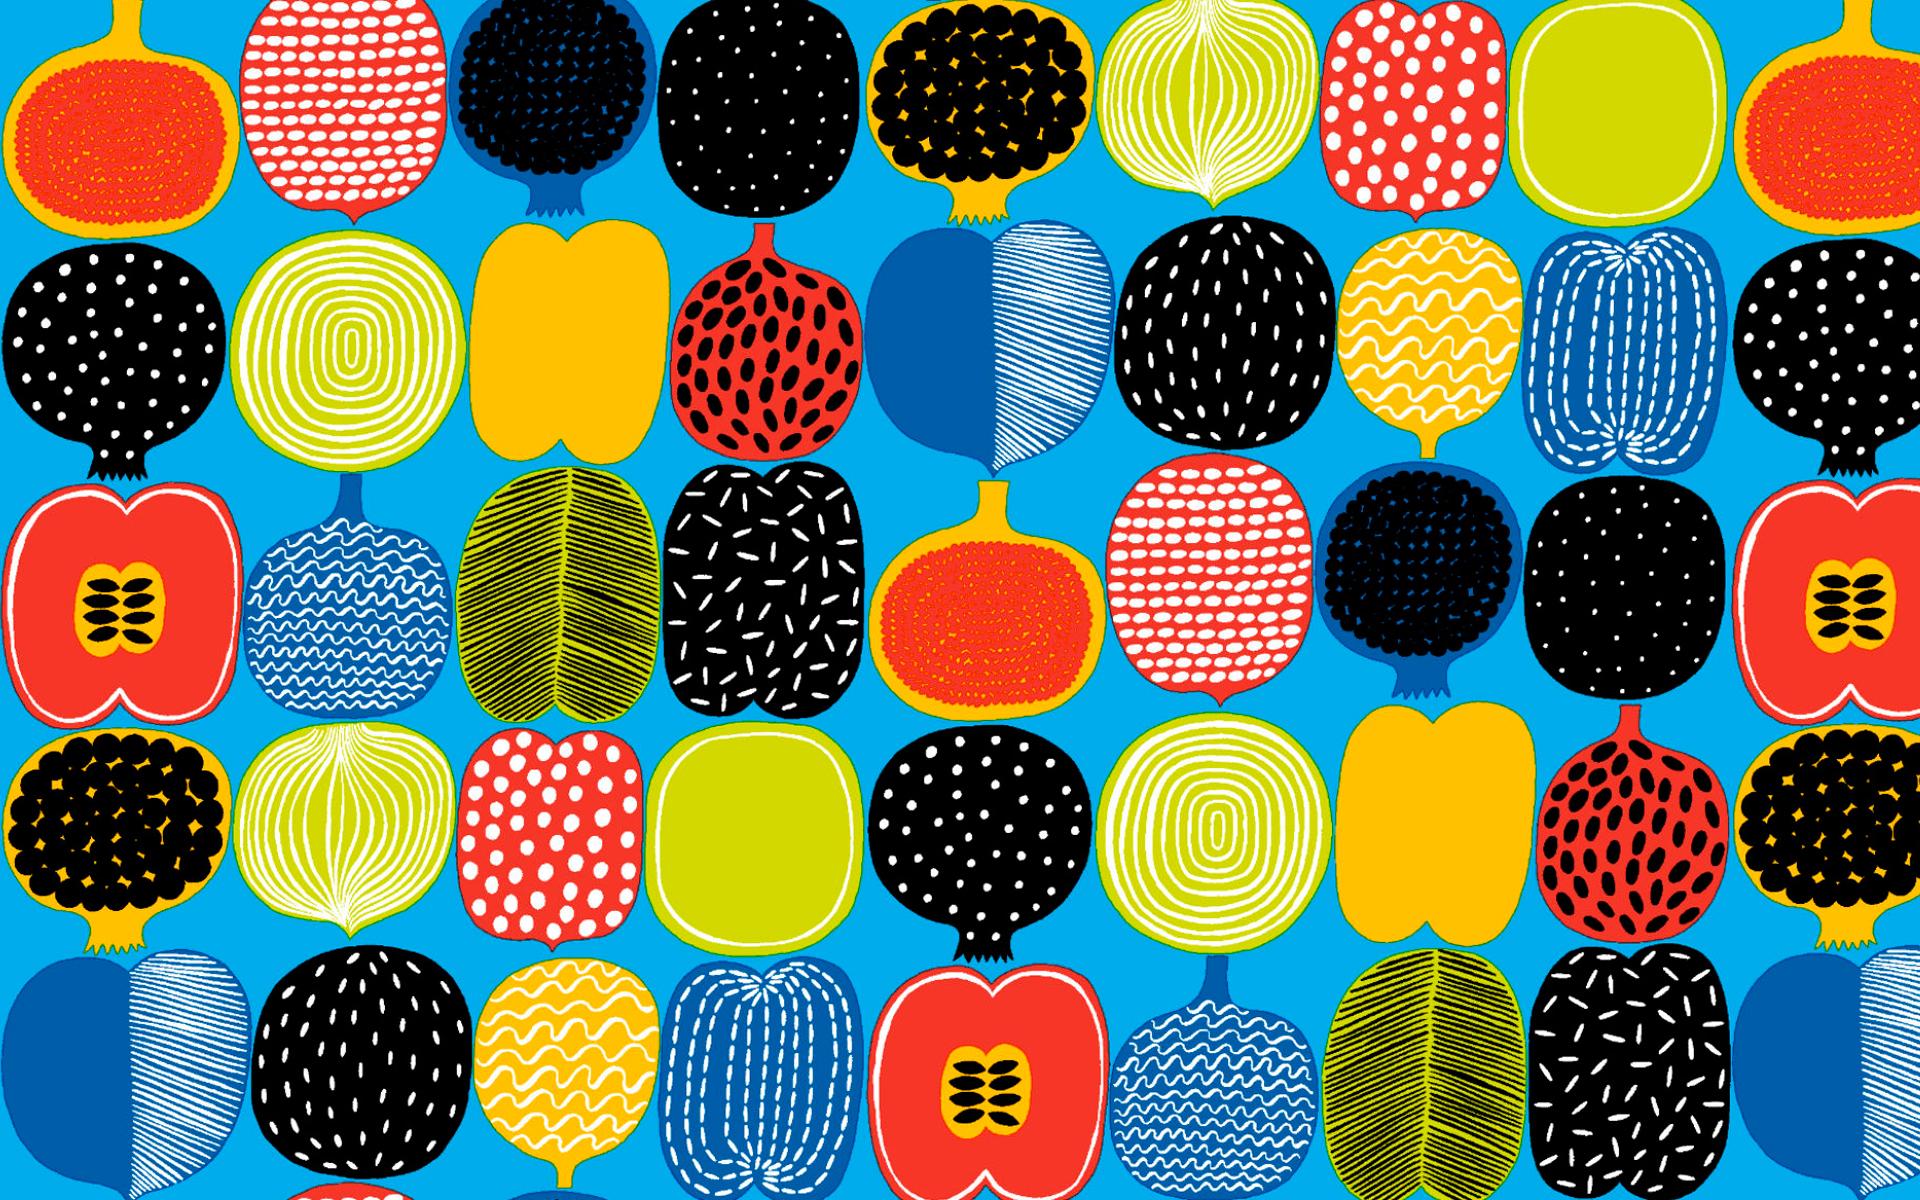 Marimekko Wallpaper - WallpaperSafari